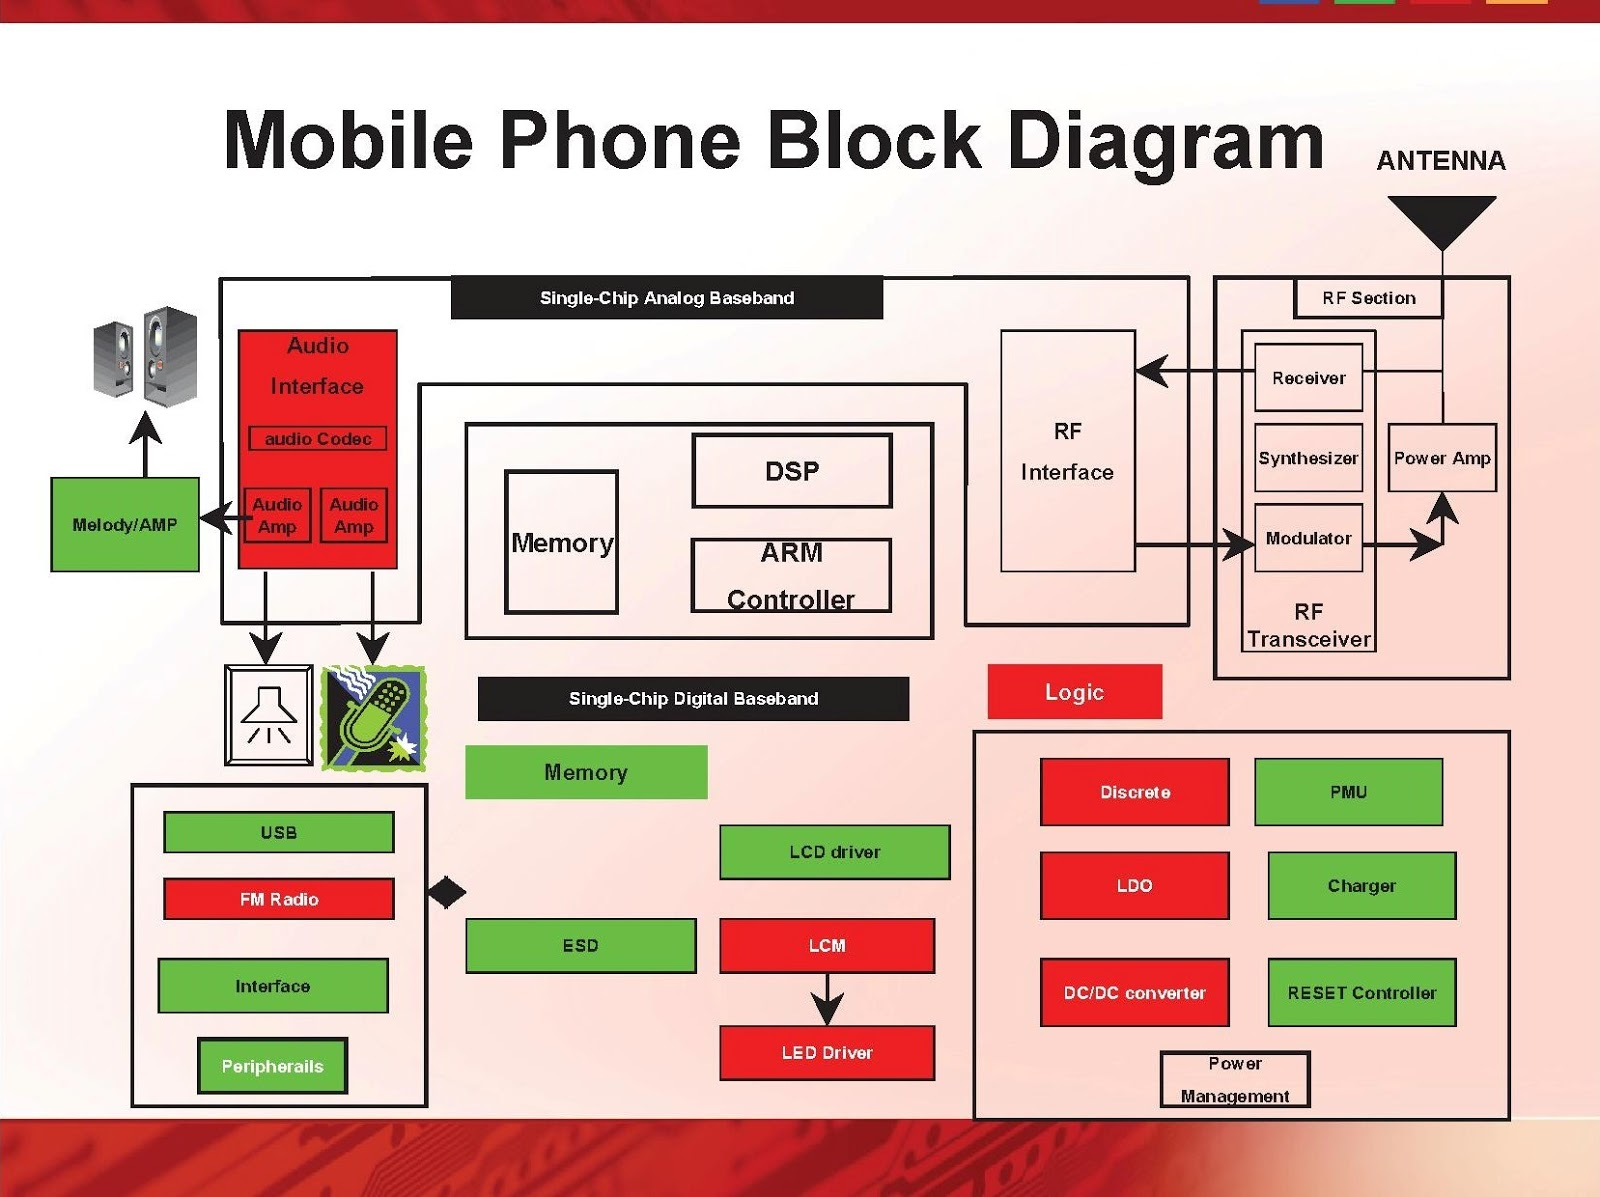 mobile block diagram wiring diagram show mobile block diagram in hindi [ 1600 x 1197 Pixel ]